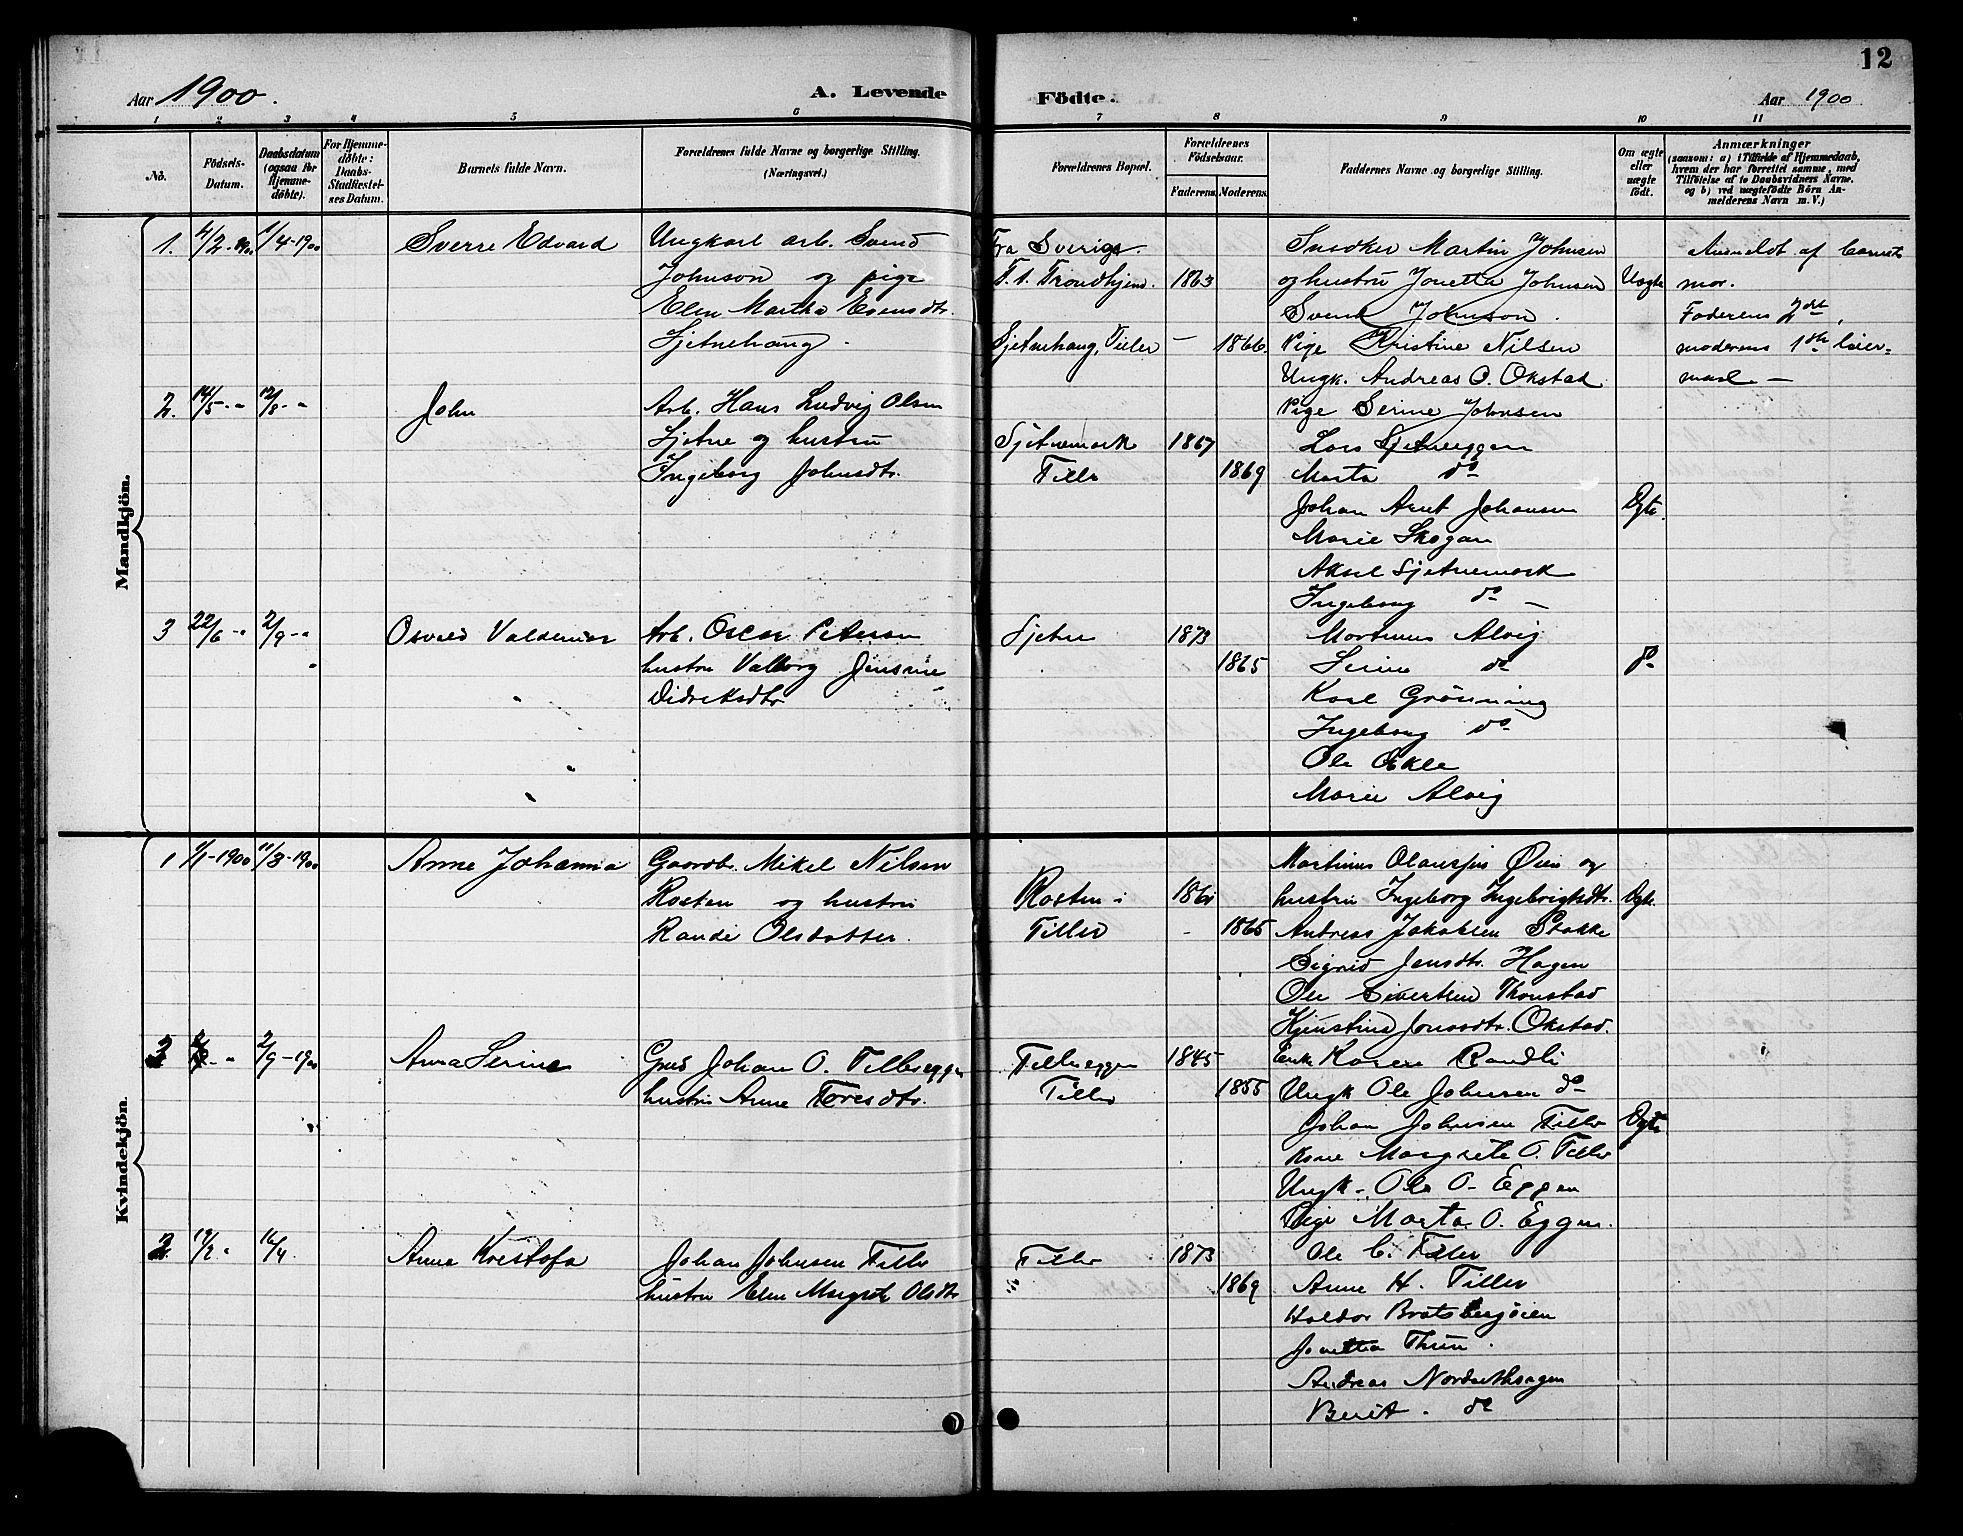 SAT, Ministerialprotokoller, klokkerbøker og fødselsregistre - Sør-Trøndelag, 621/L0460: Klokkerbok nr. 621C03, 1896-1914, s. 12